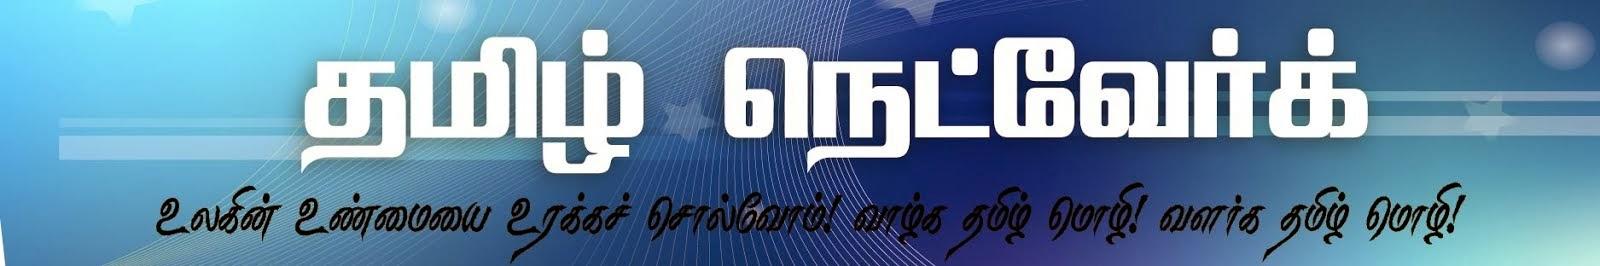 TAMIL NETWORK தமிழ் நெட்வேர்க்